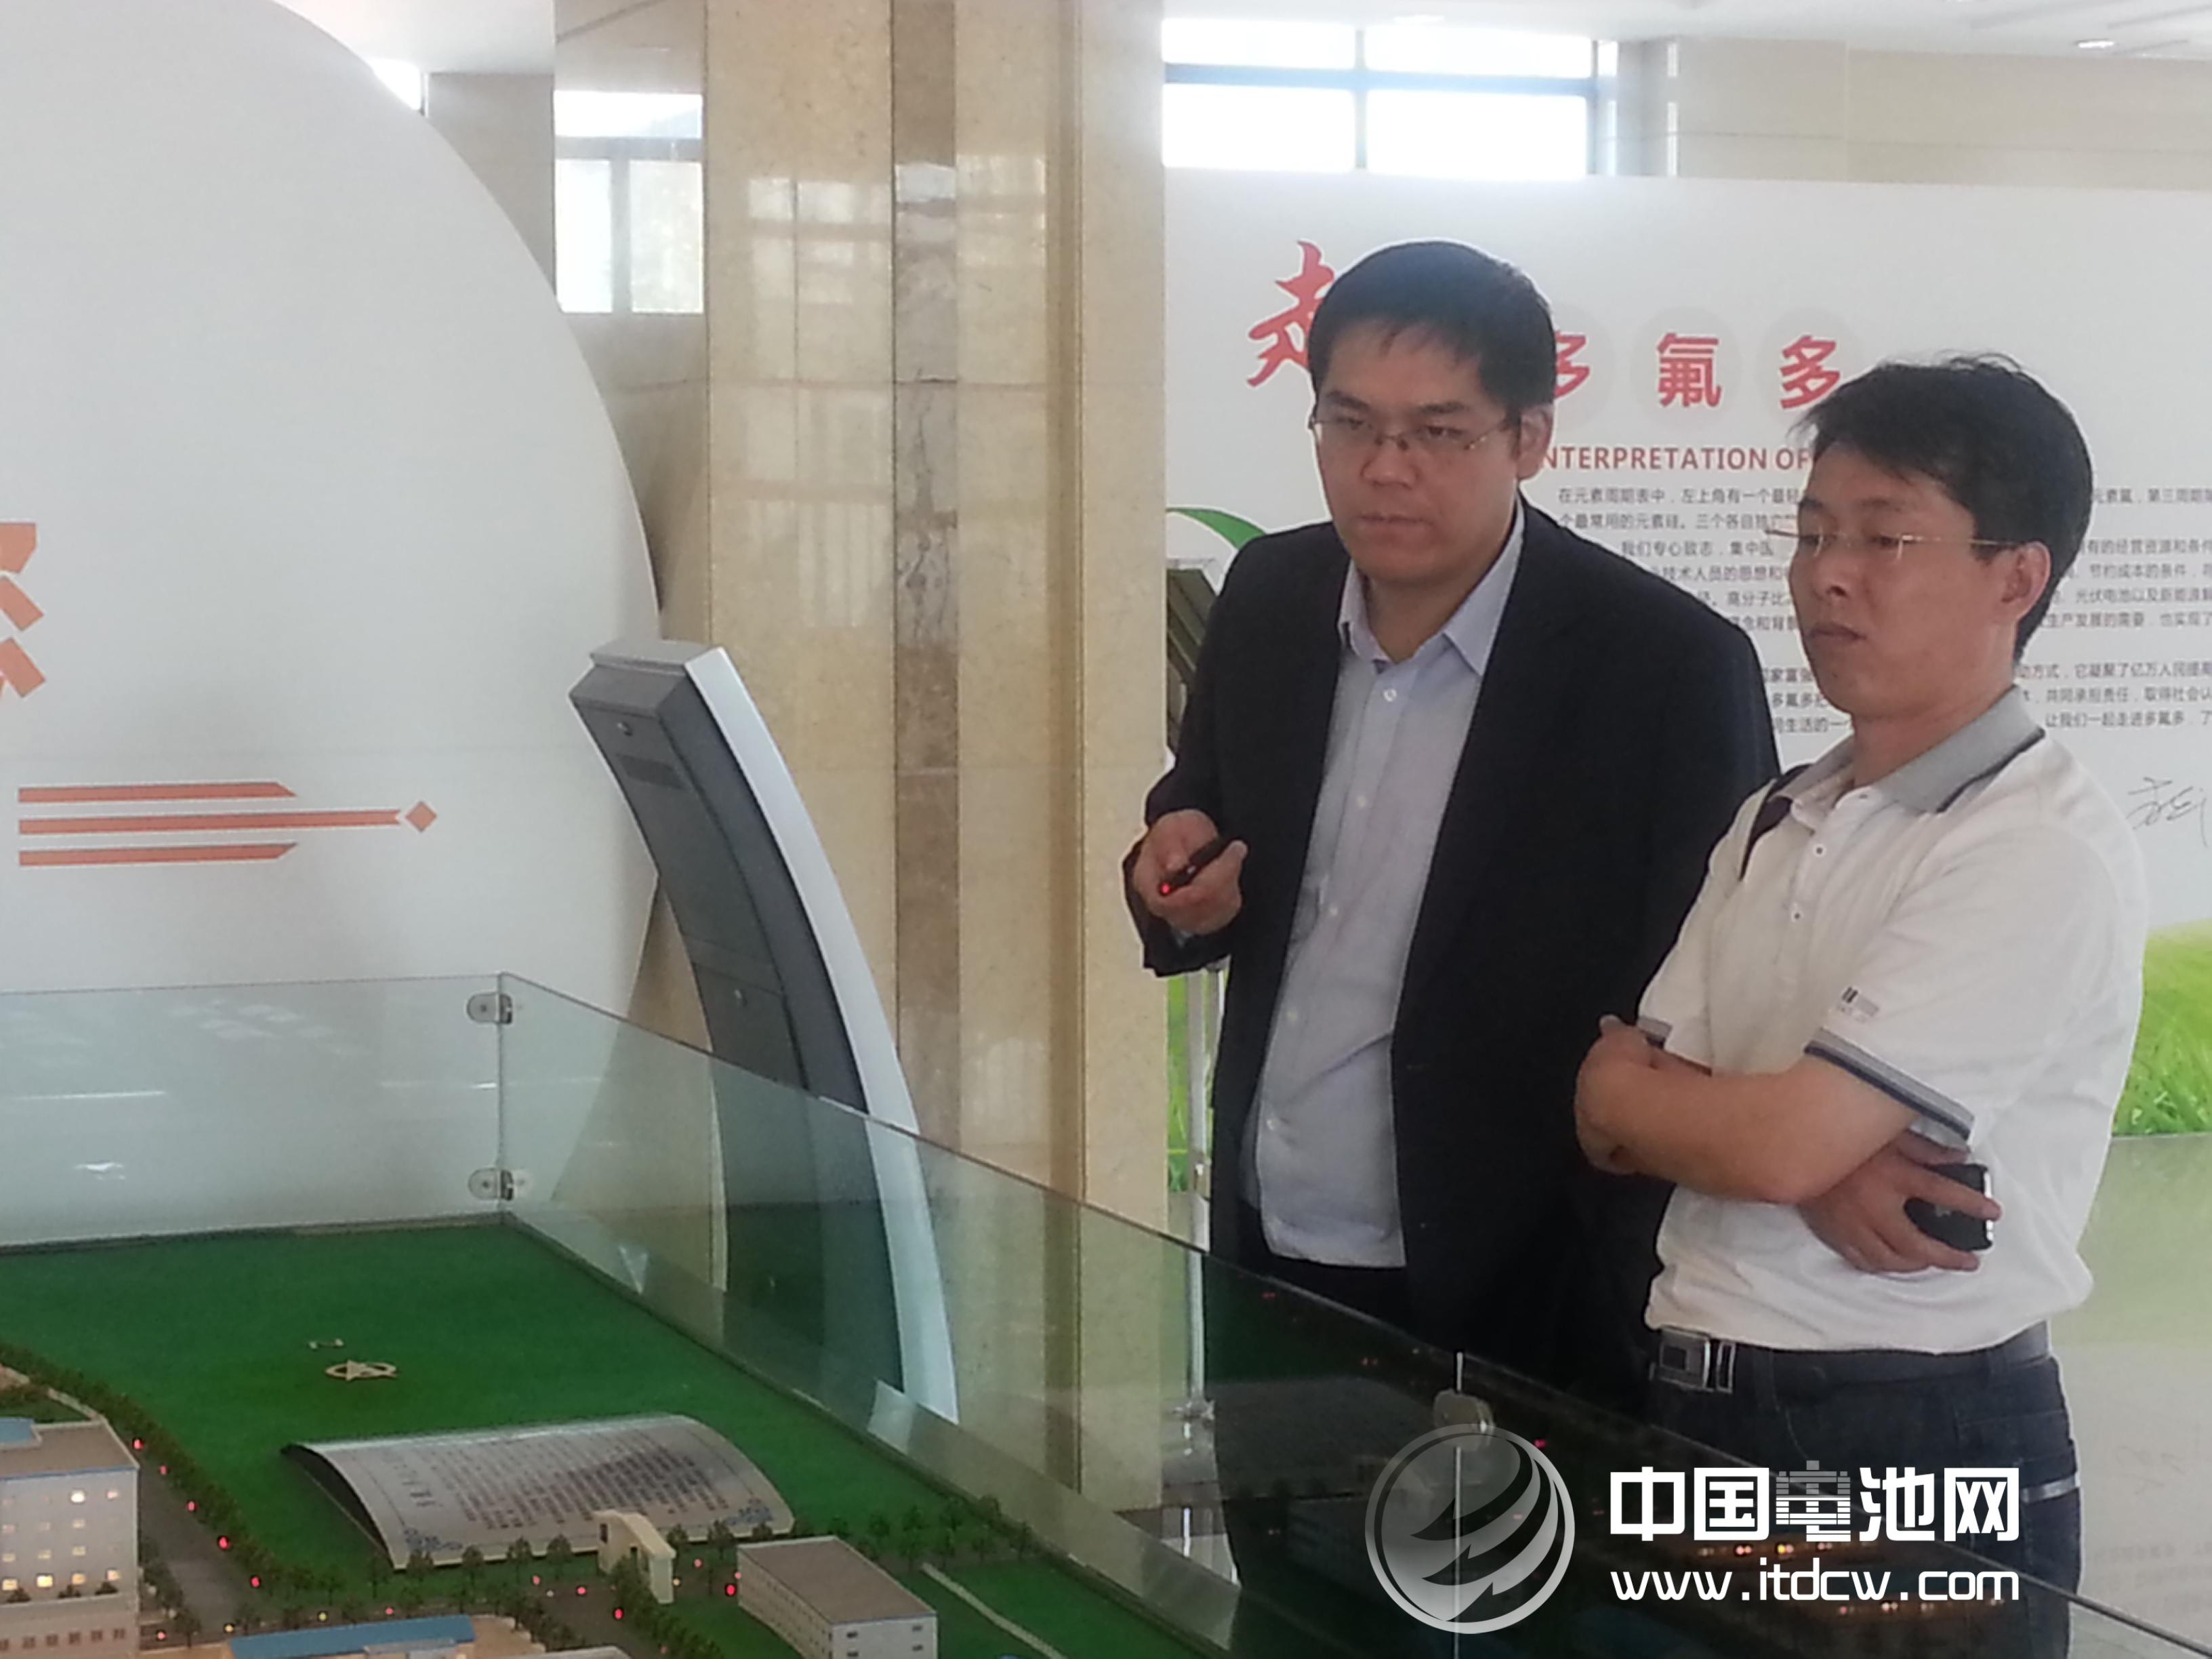 中关村新型电池技术创新联盟秘书长于清教调研多氟多